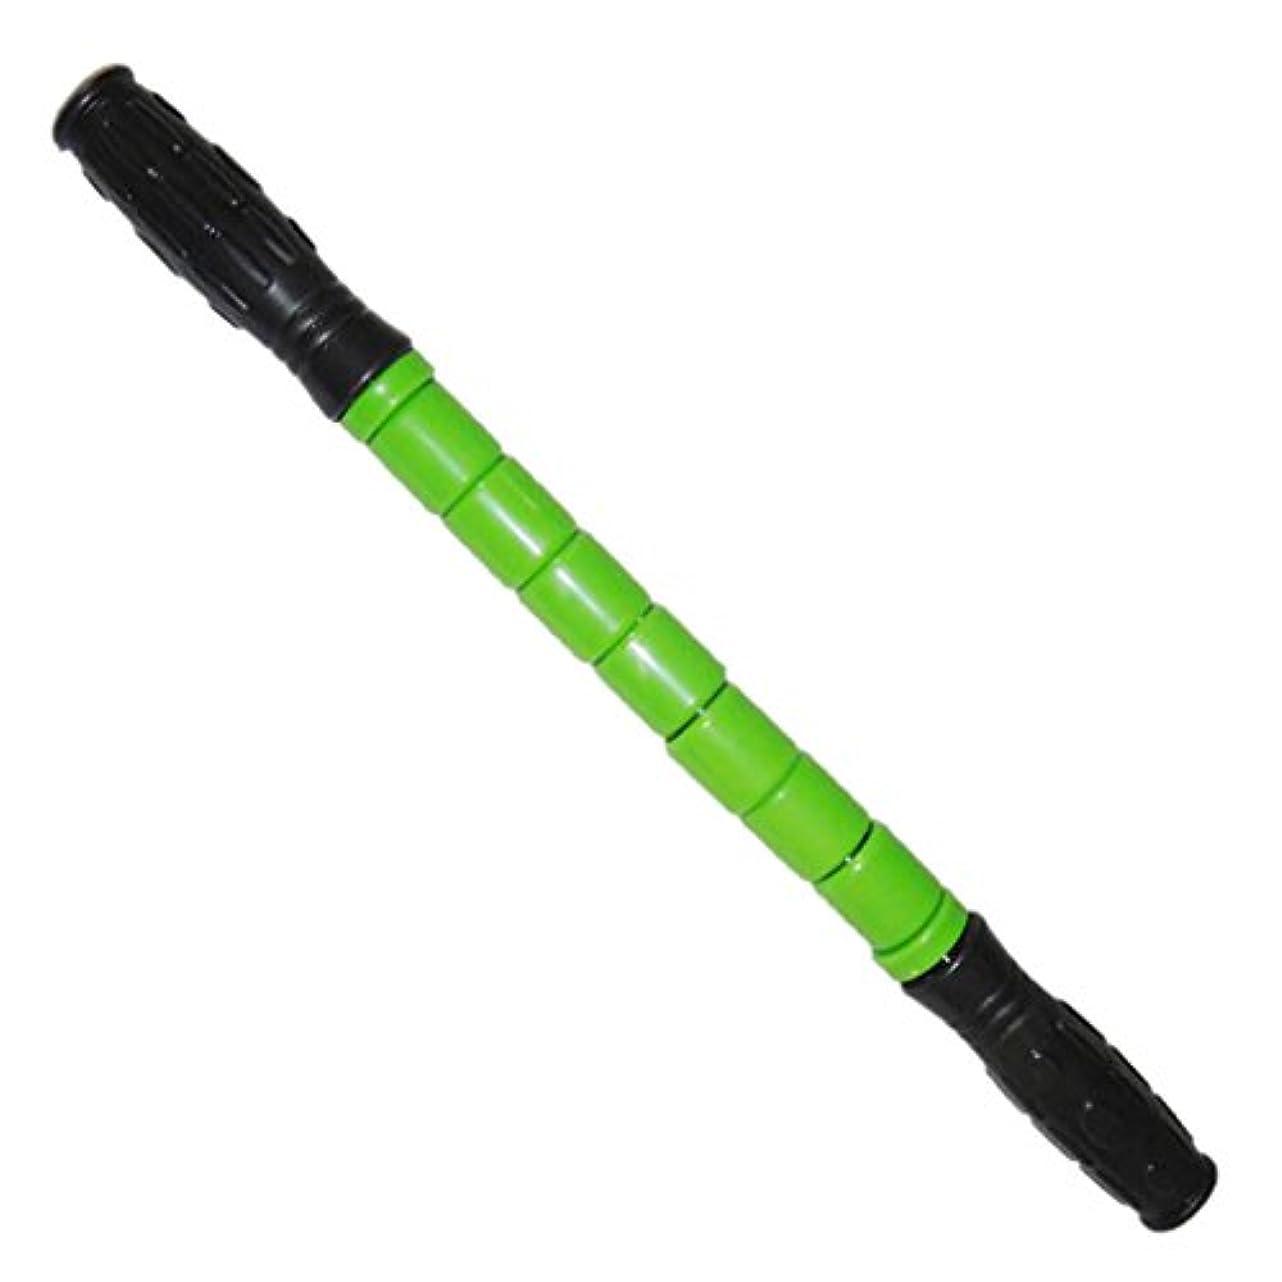 ムス音声学前スティック マッスル マッサージ ローラー 筋肉 グループ 痛み 疲れ 緩和 全3色 - 緑